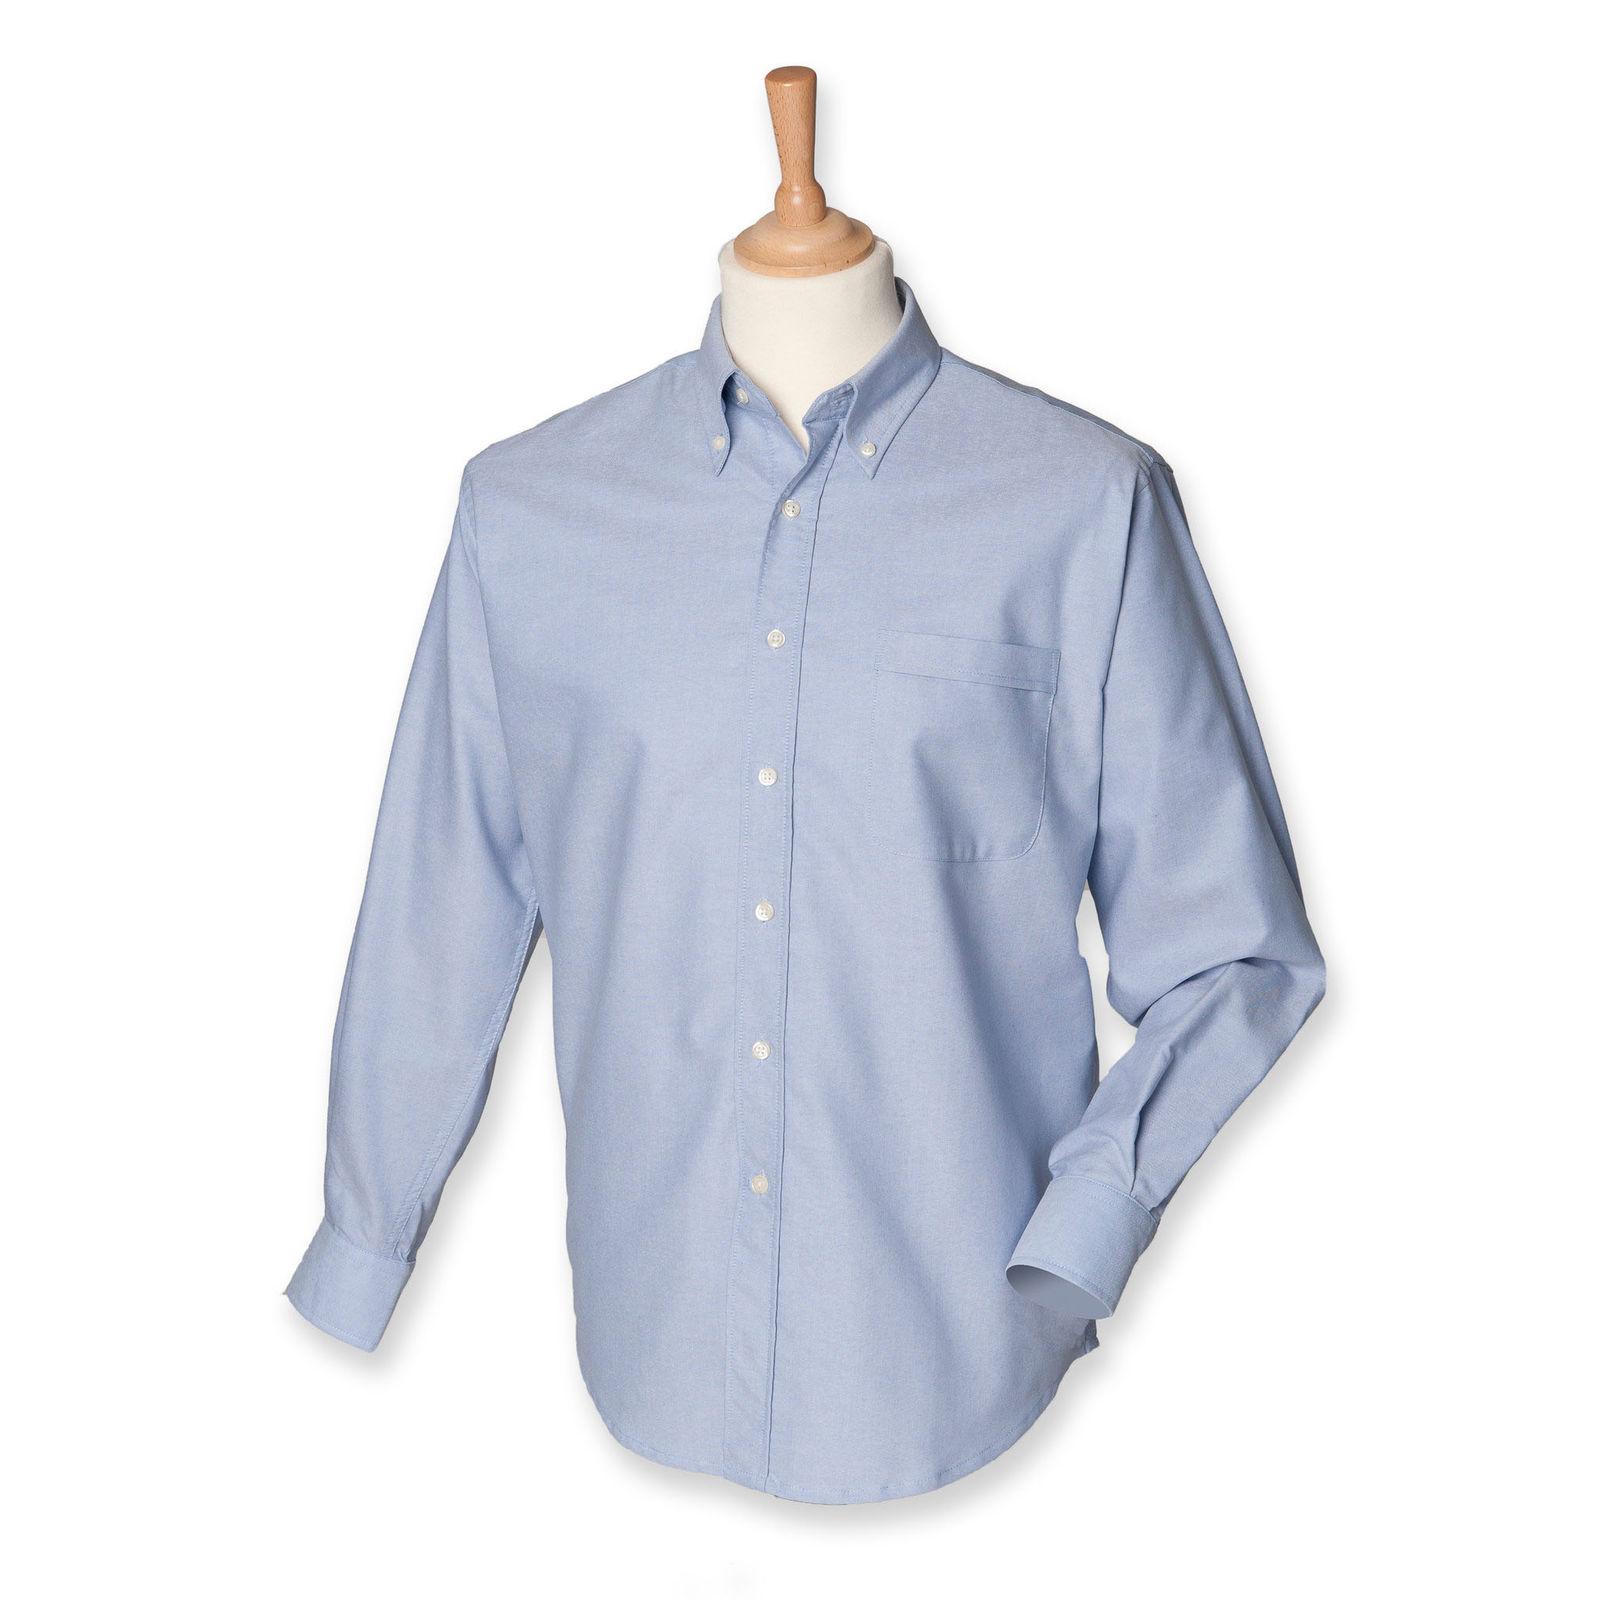 oxford eggy chemise publicitaire pour homme chemises publicitaires pour entreprises kelcom. Black Bedroom Furniture Sets. Home Design Ideas